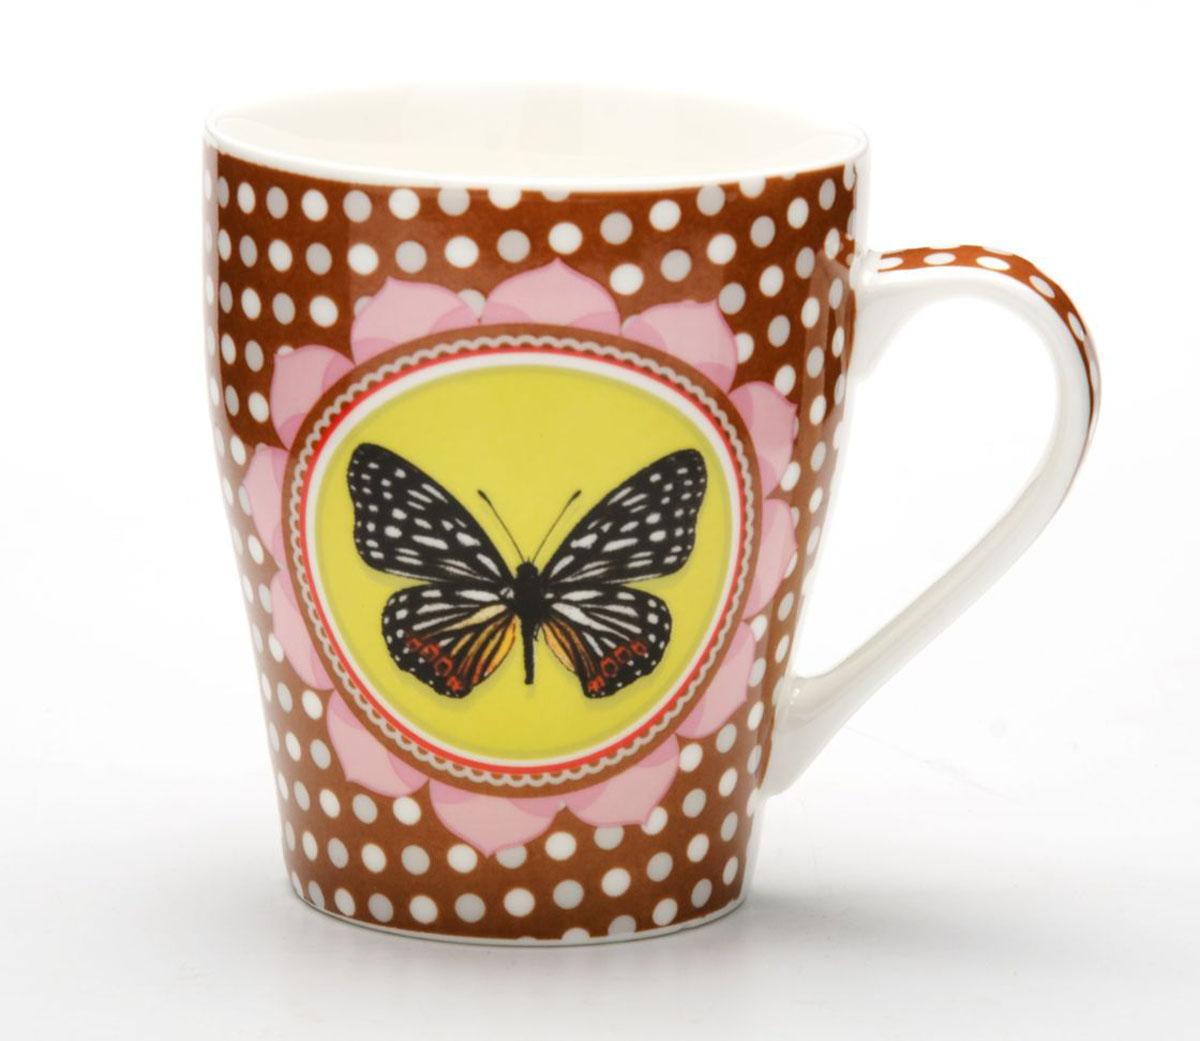 Кружка Loraine Бабочка, 340 мл кружка printio гармония камни и бабочка